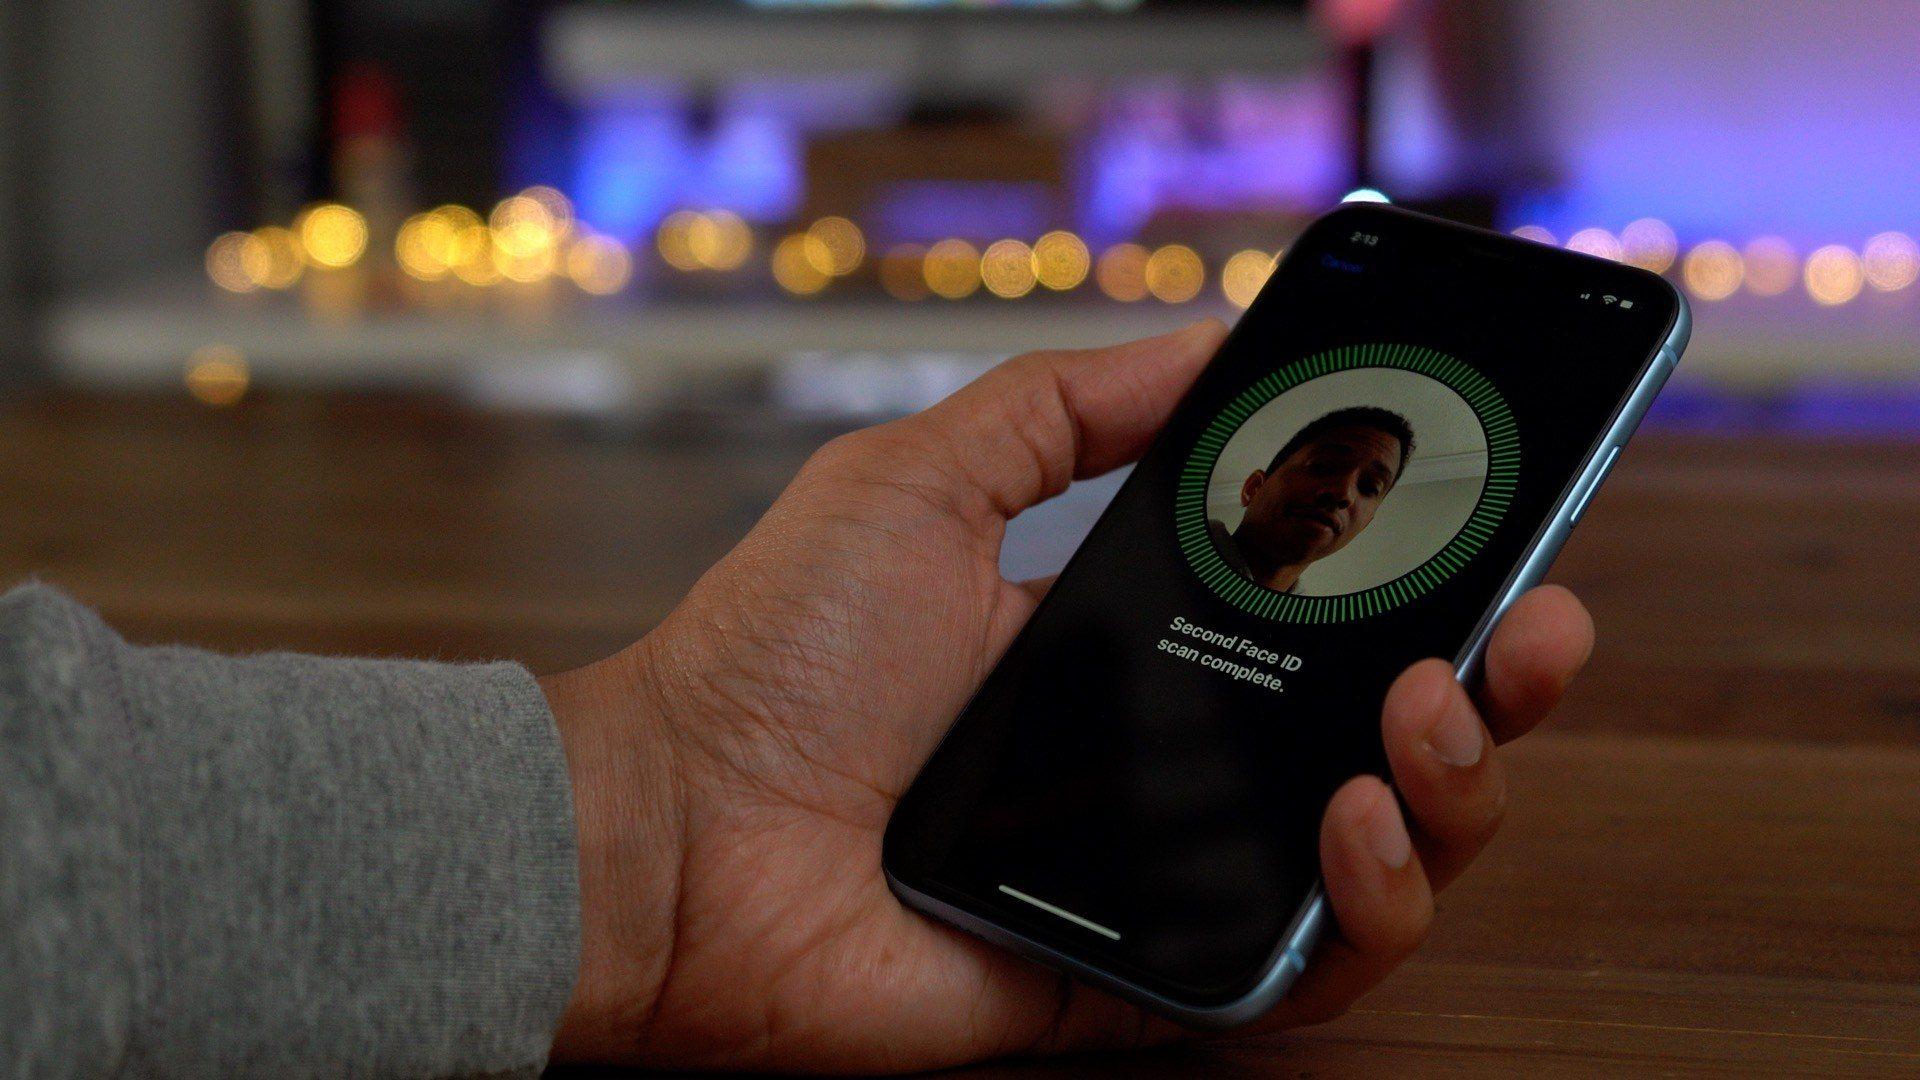 彭博社:iPhone 11 弱光拍照性能将更突出,支持多角度 Face ID 解锁